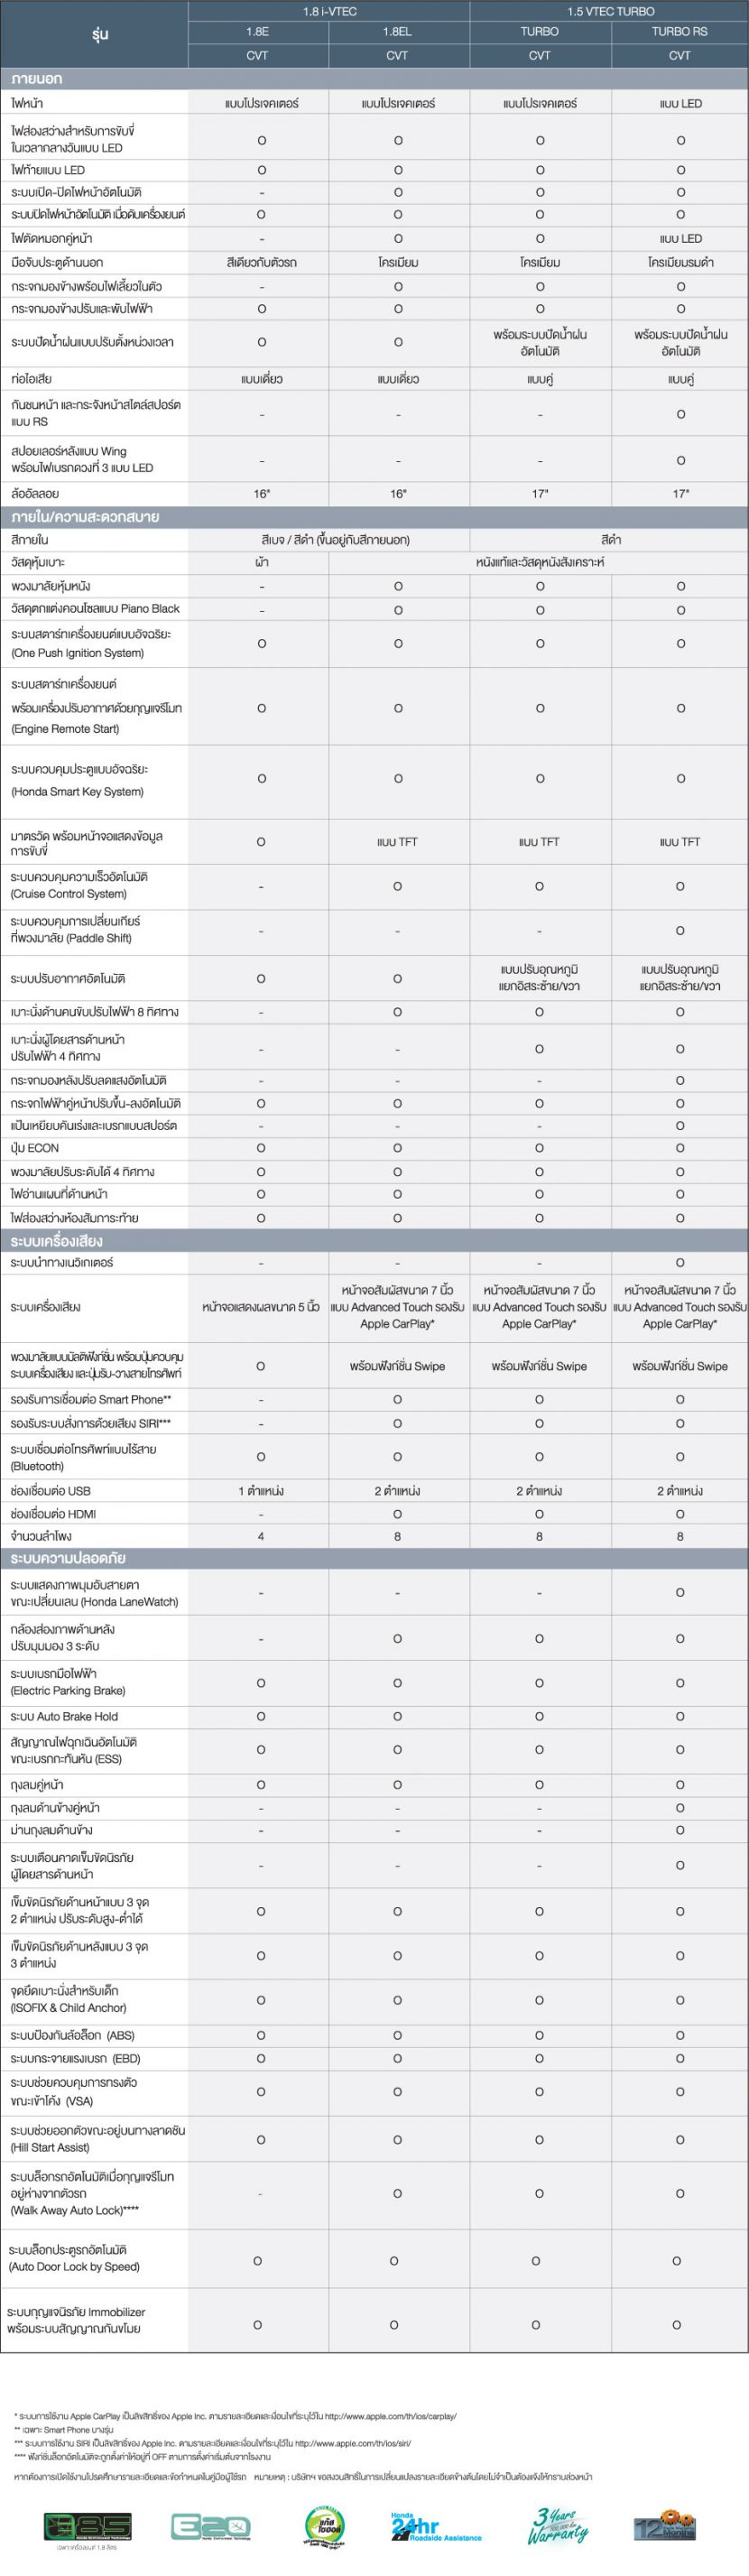 HONDA ALL NEW CIVIC 2017 โปรโมชั่น ตารางผ่อน เริ่มต้น 8,605 บาท ฮอนด้า ซีวิค 2017